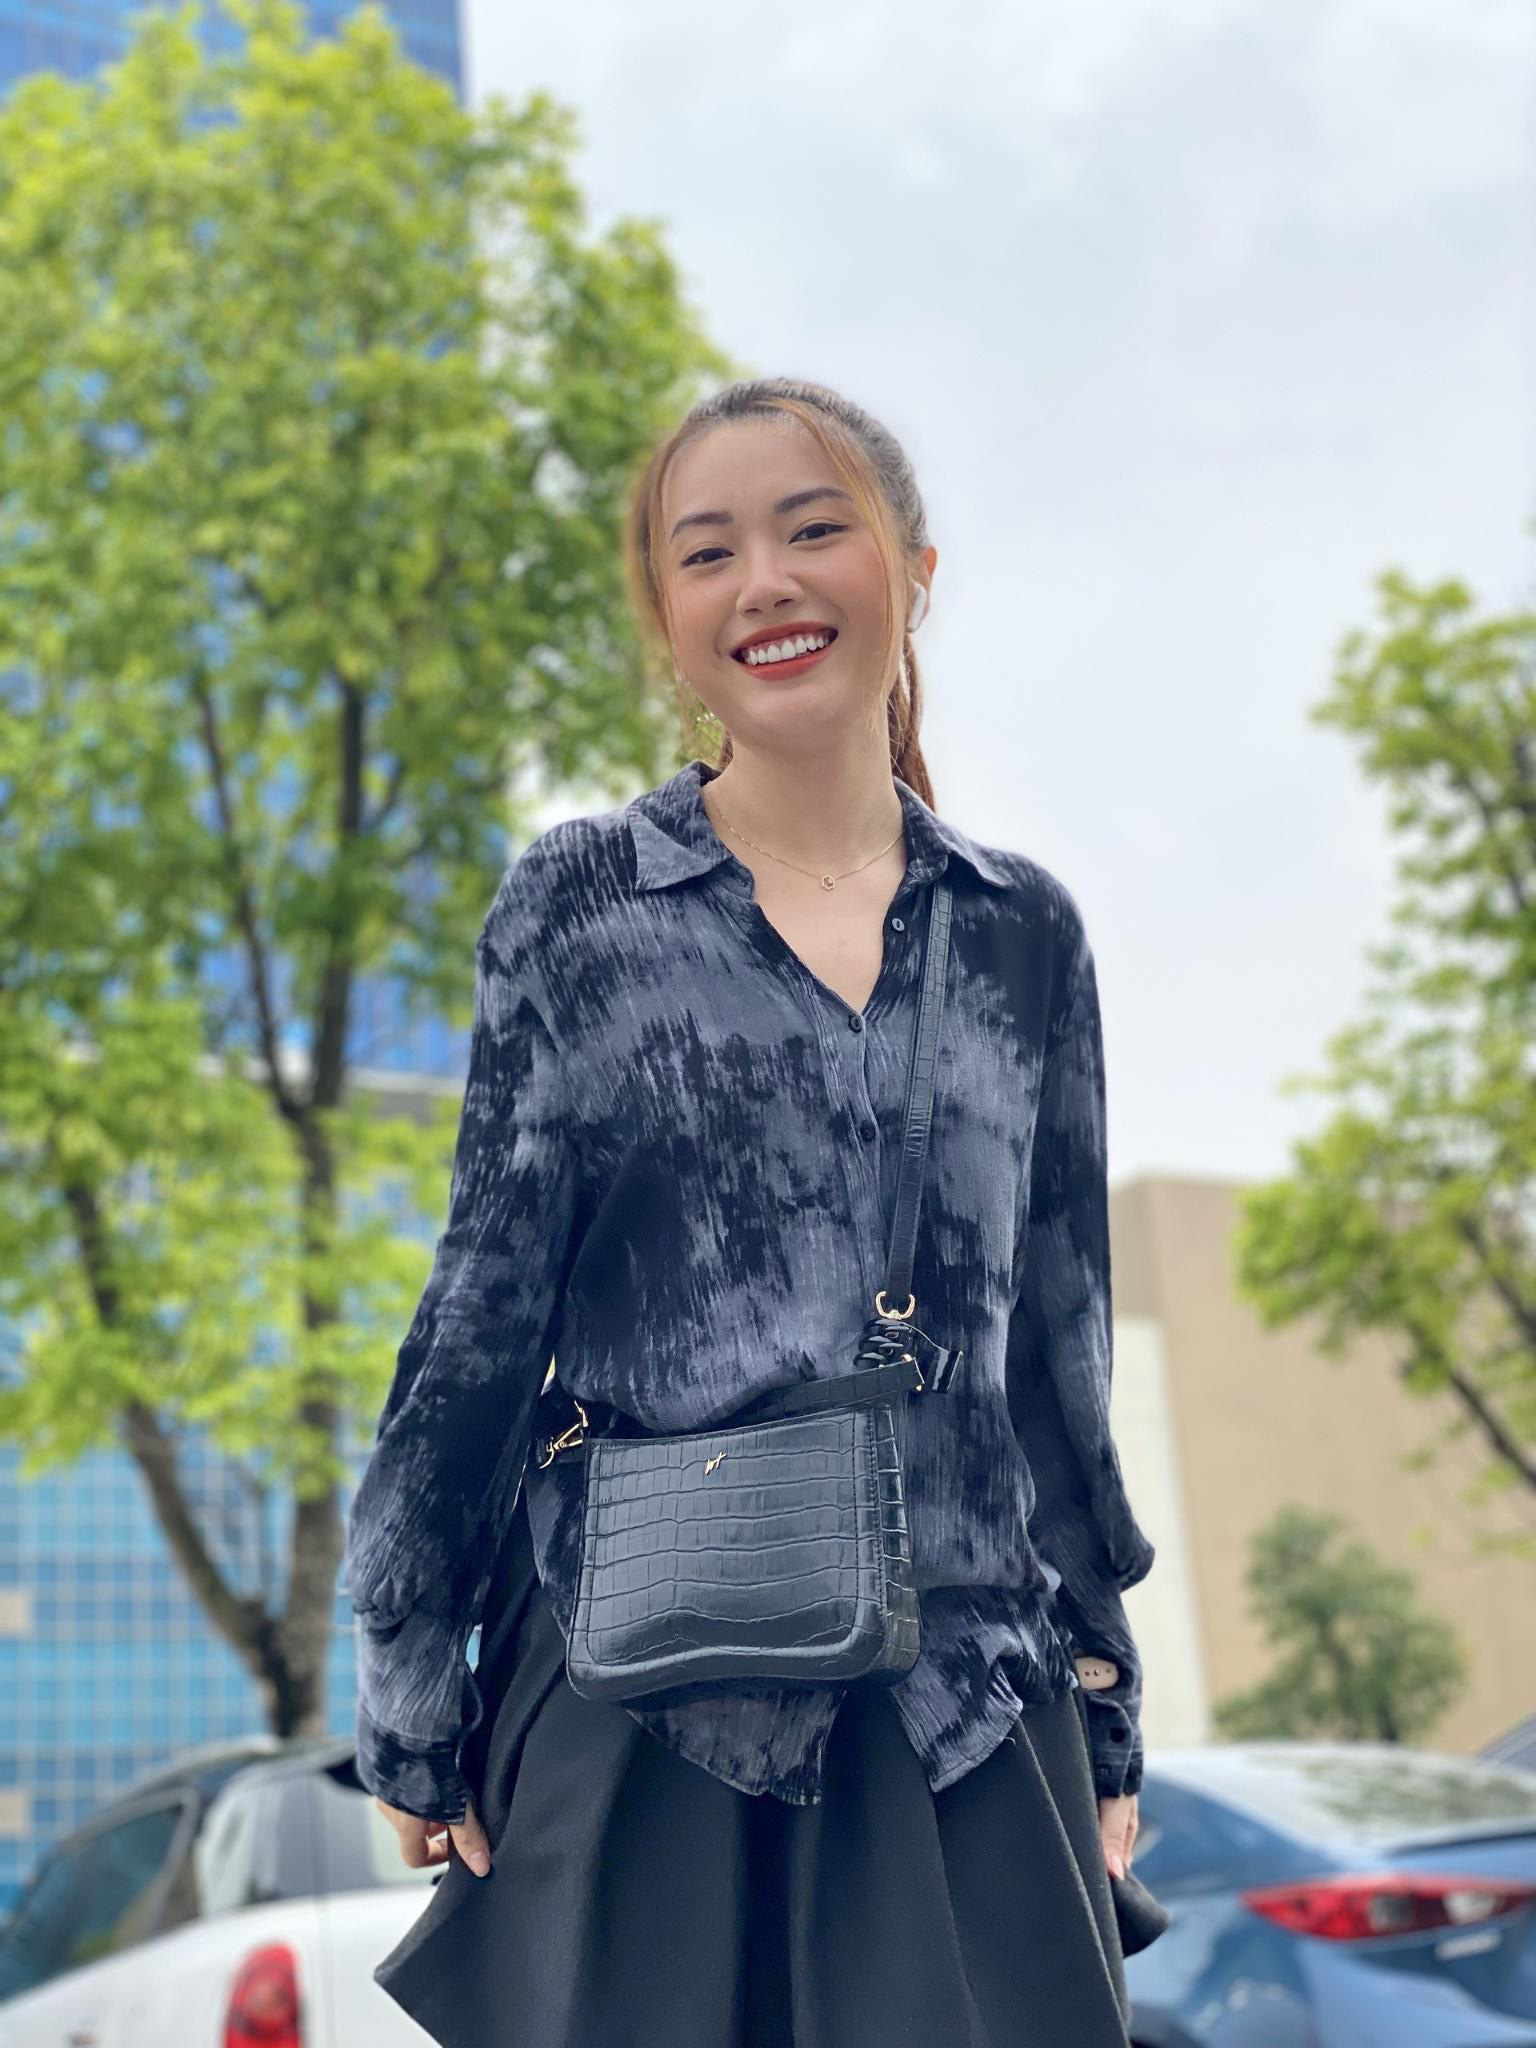 Tò mò chiếc túi được diễn viên Kiều My chọn cho vai Mai Khôi trong phim Ngày Mai Bình Yên